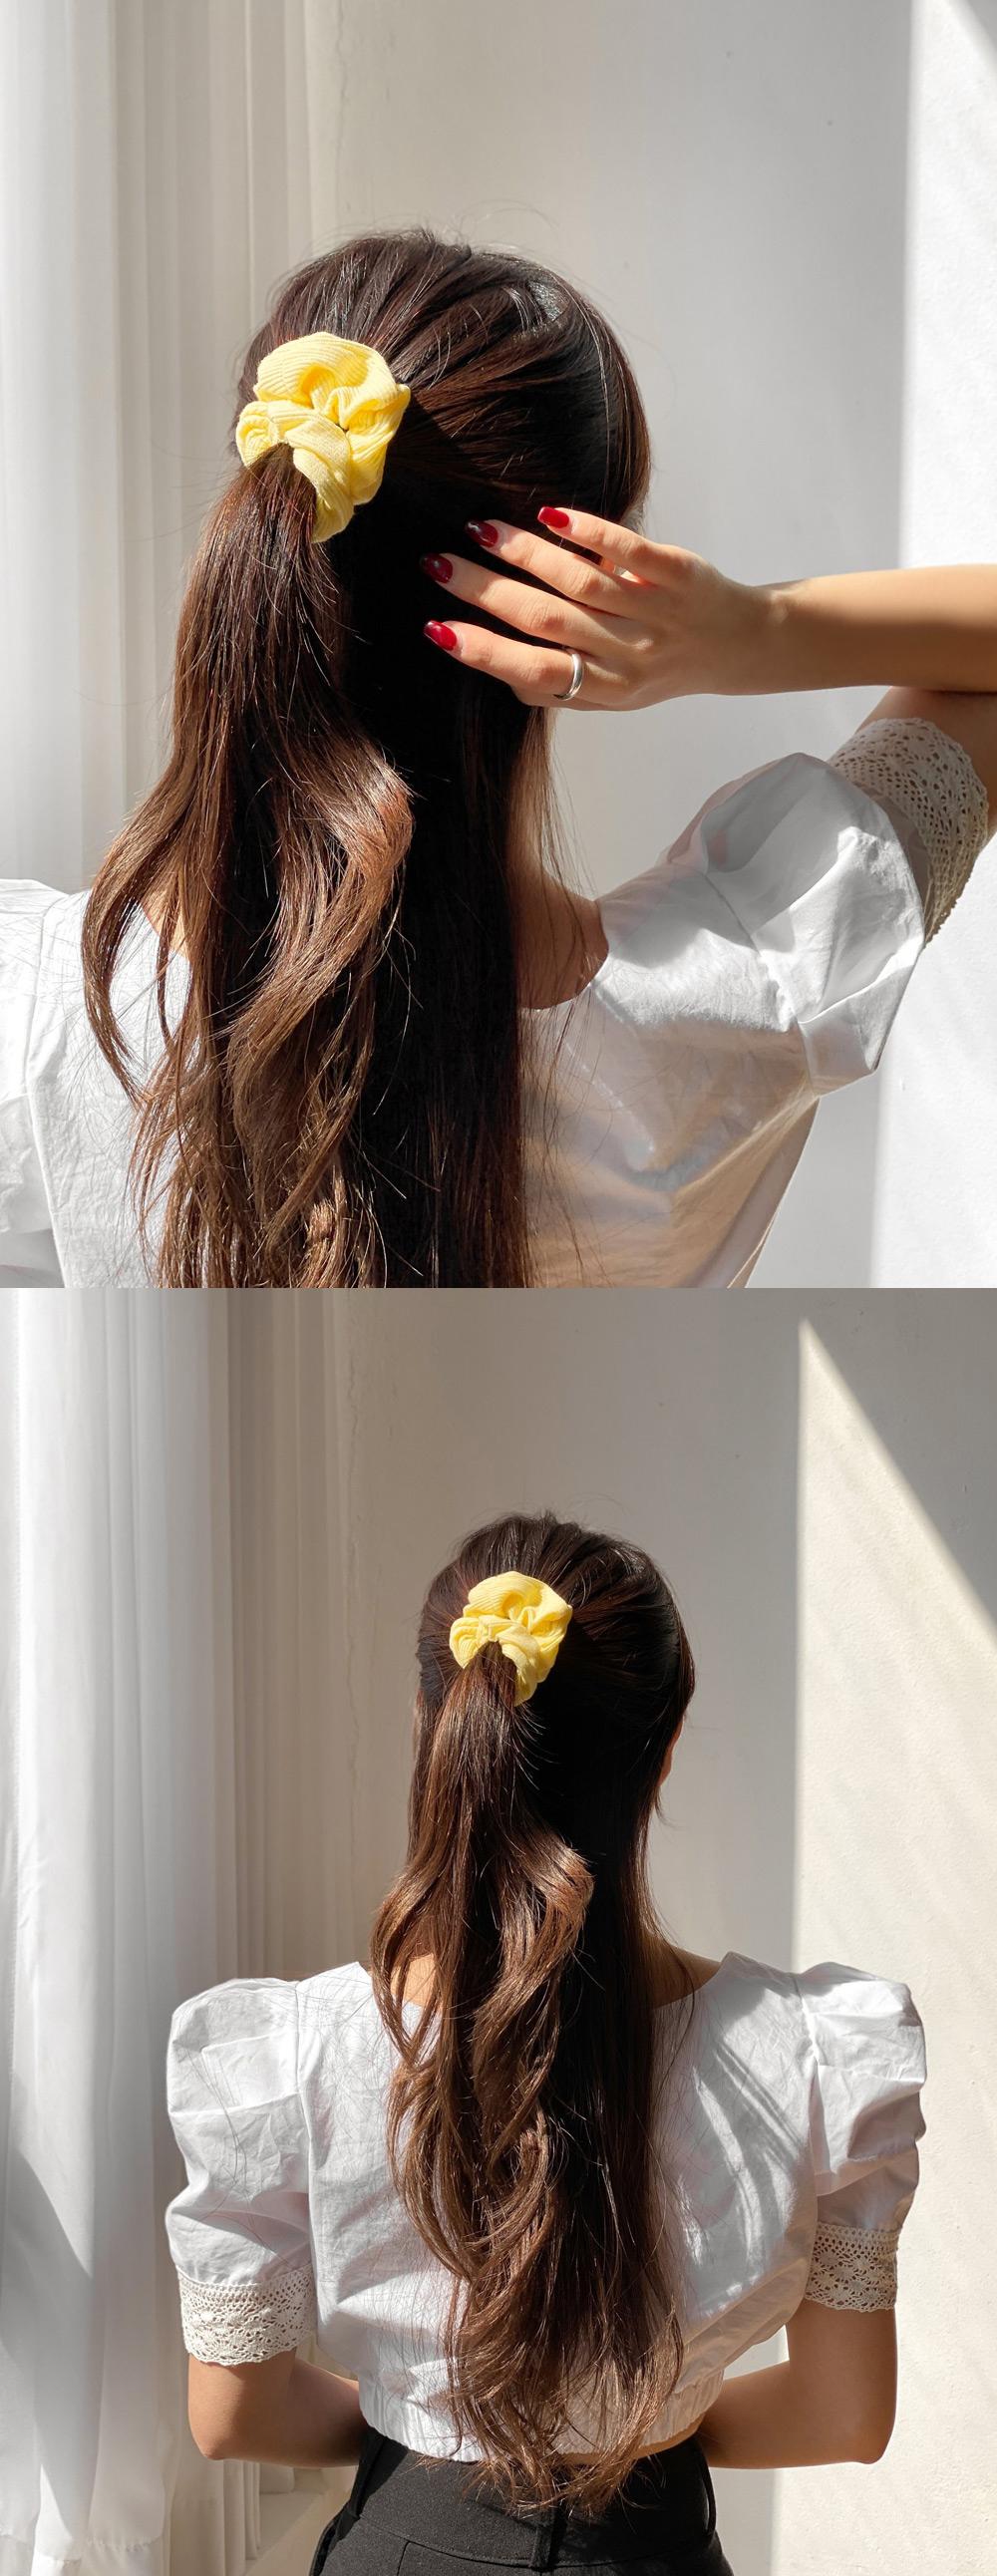 accessories model image-S1L18